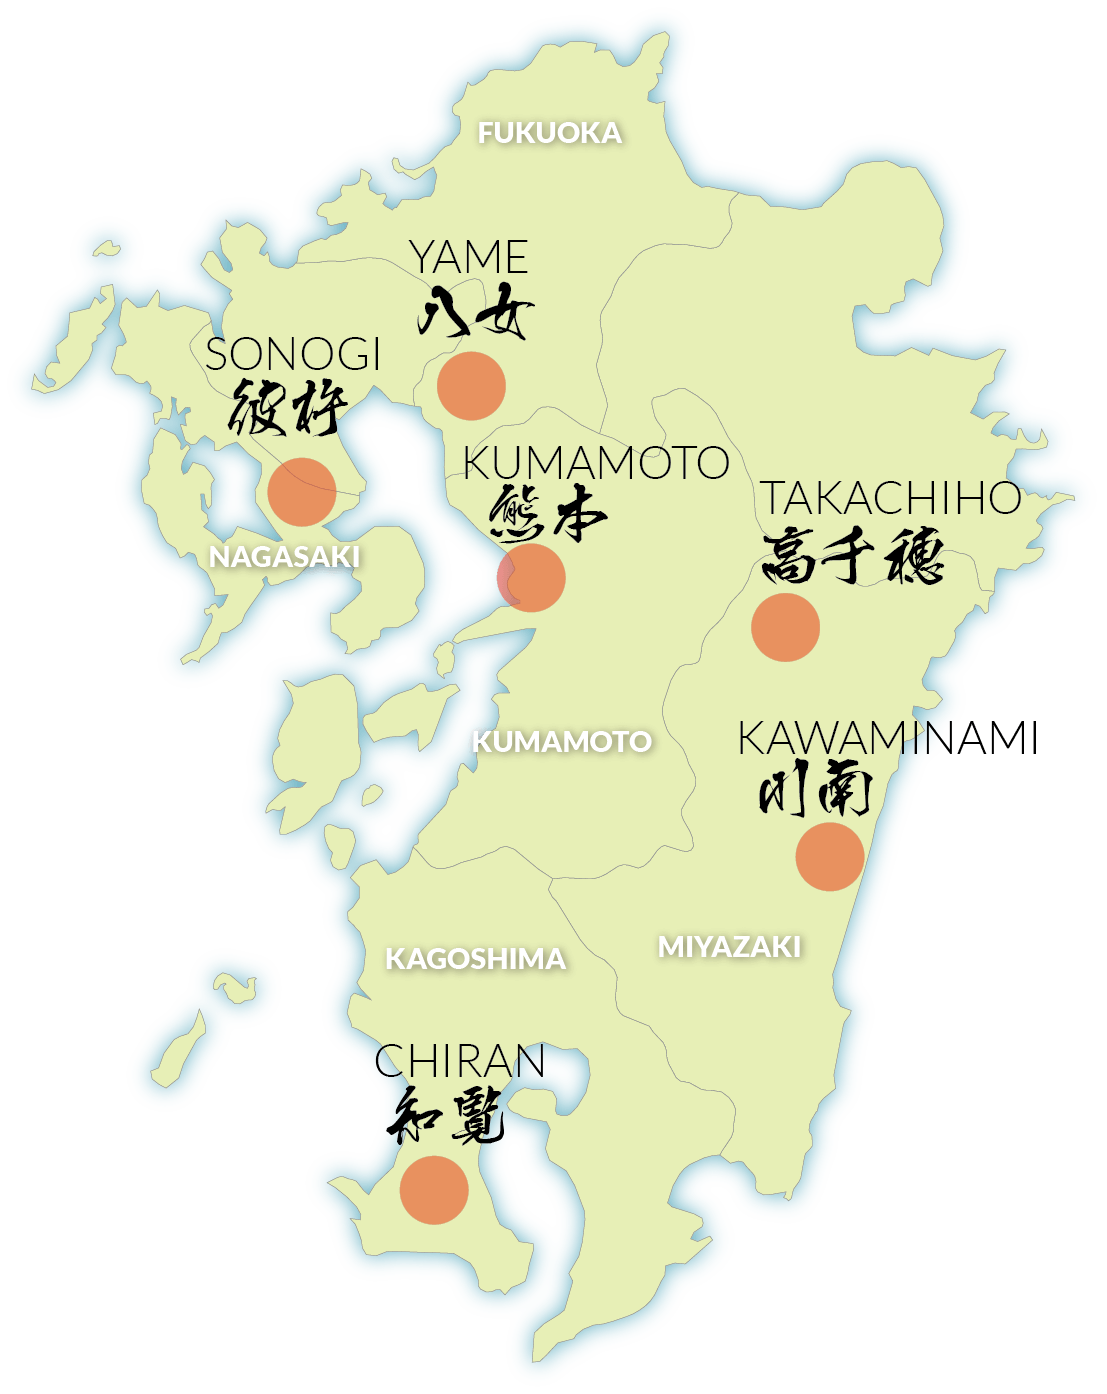 carte des thés du kyushu au japon